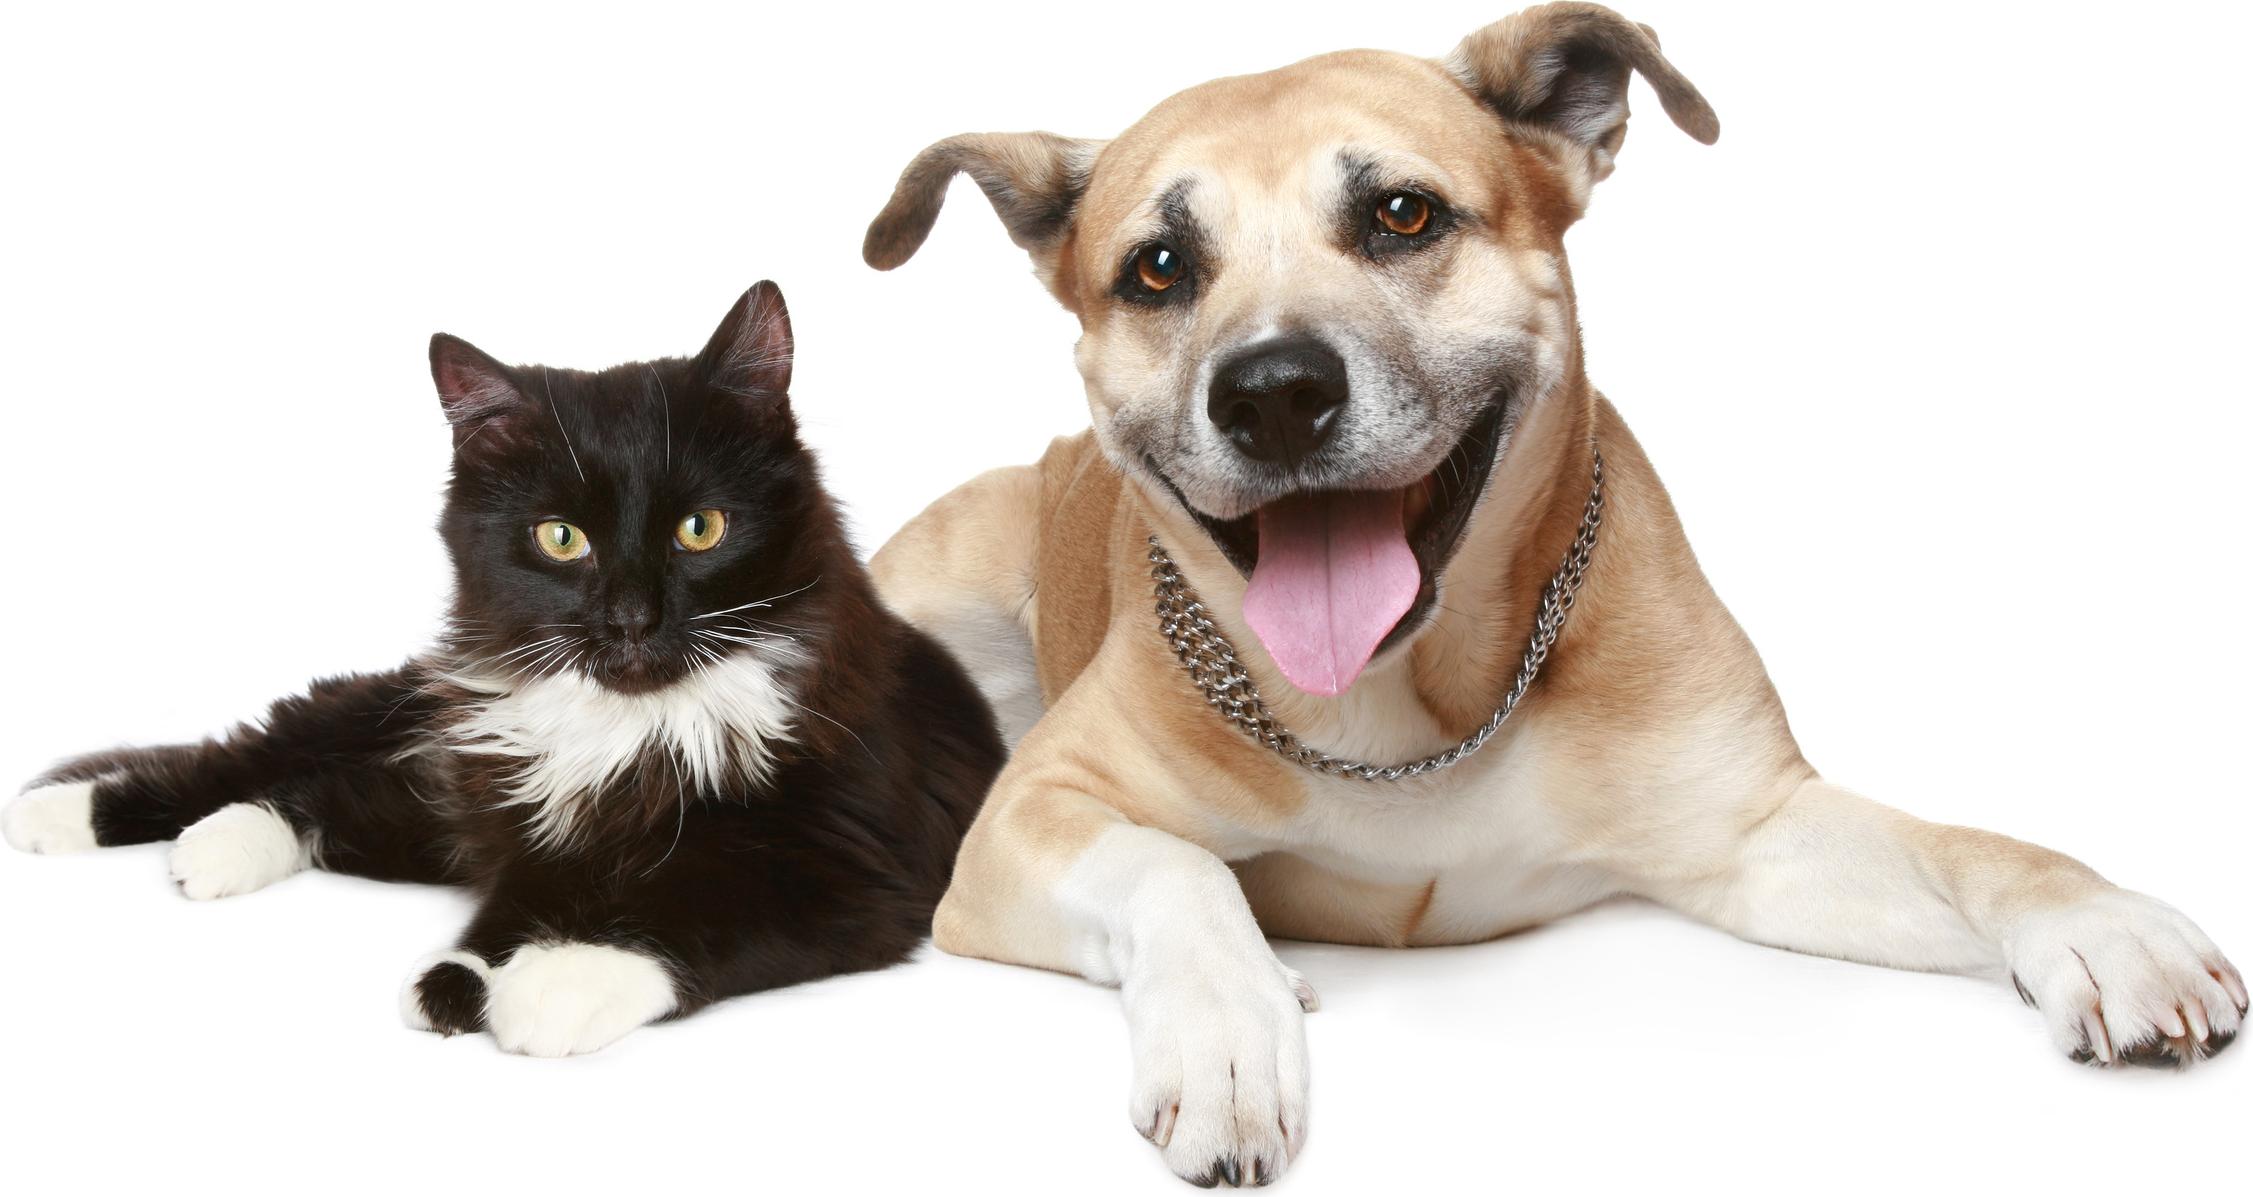 C:\fakepath\Katz-und-Hund-trans